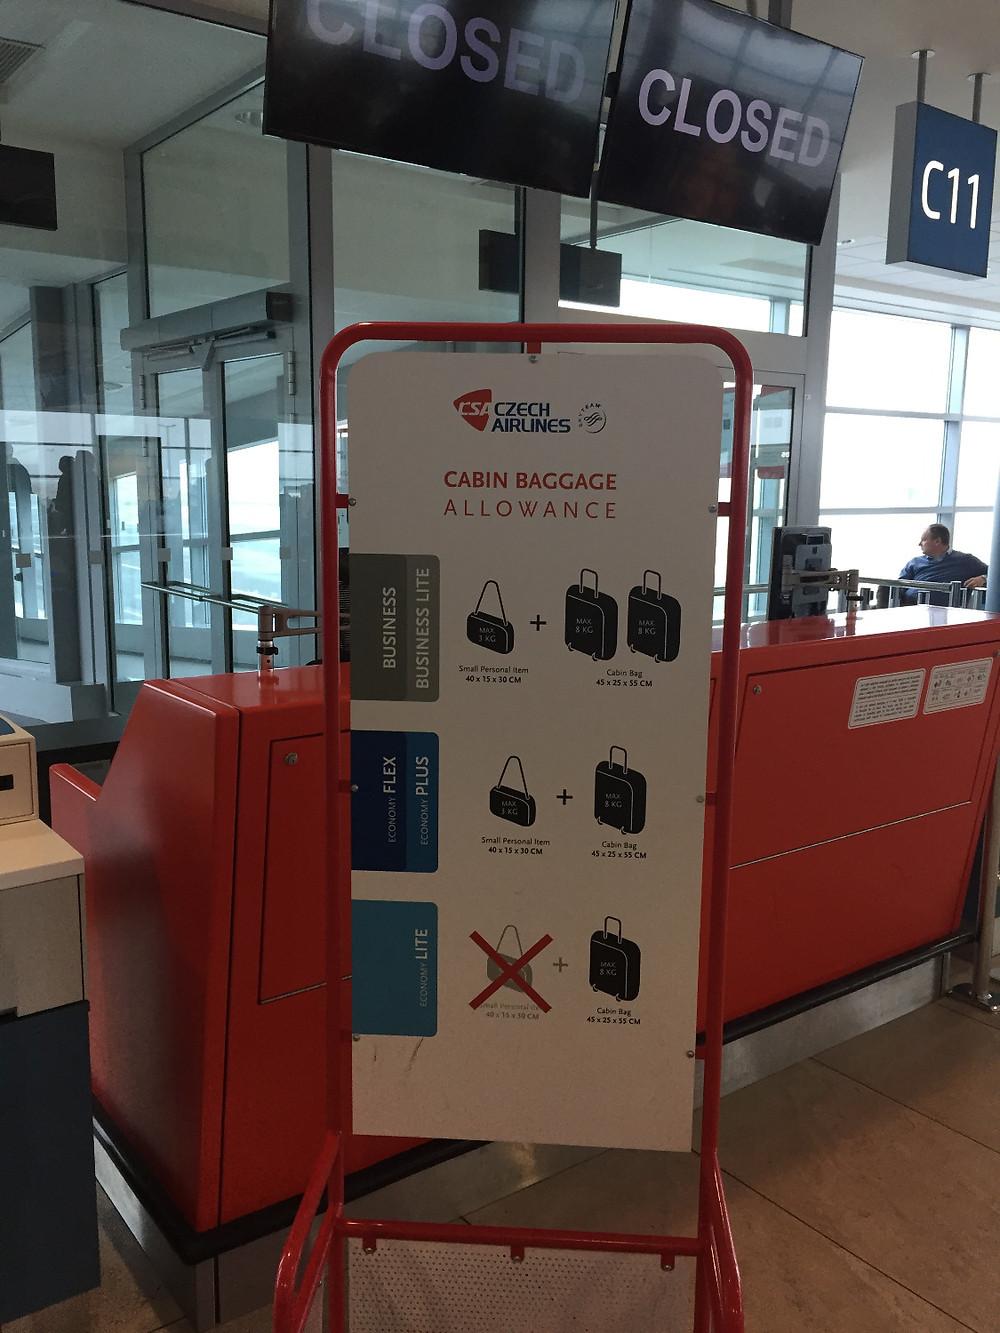 Cabin Baggage Allowance